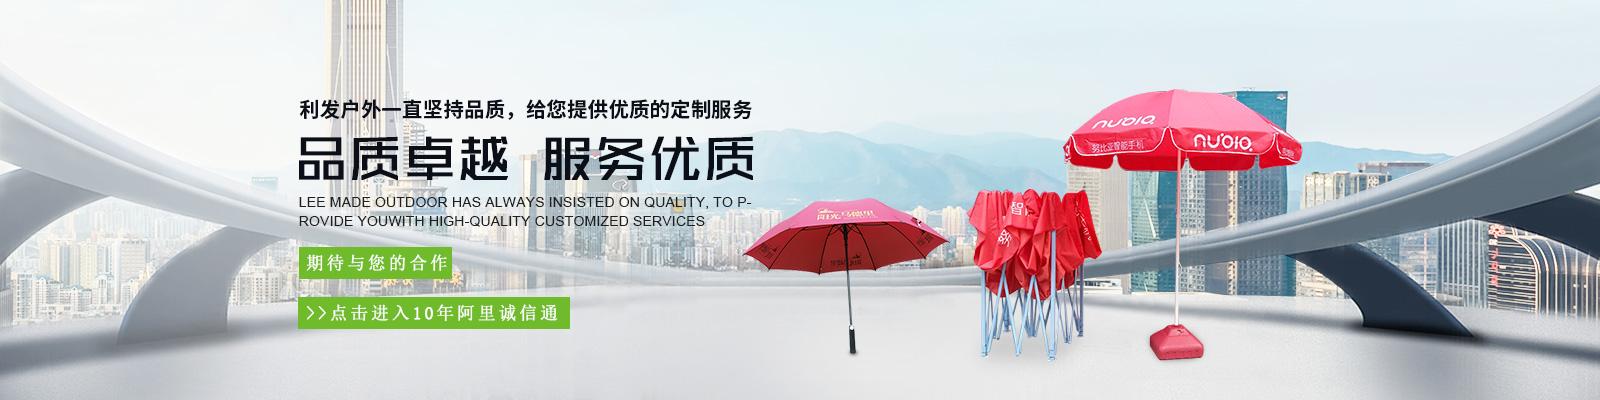 深圳市利发户外用品科技有限公司